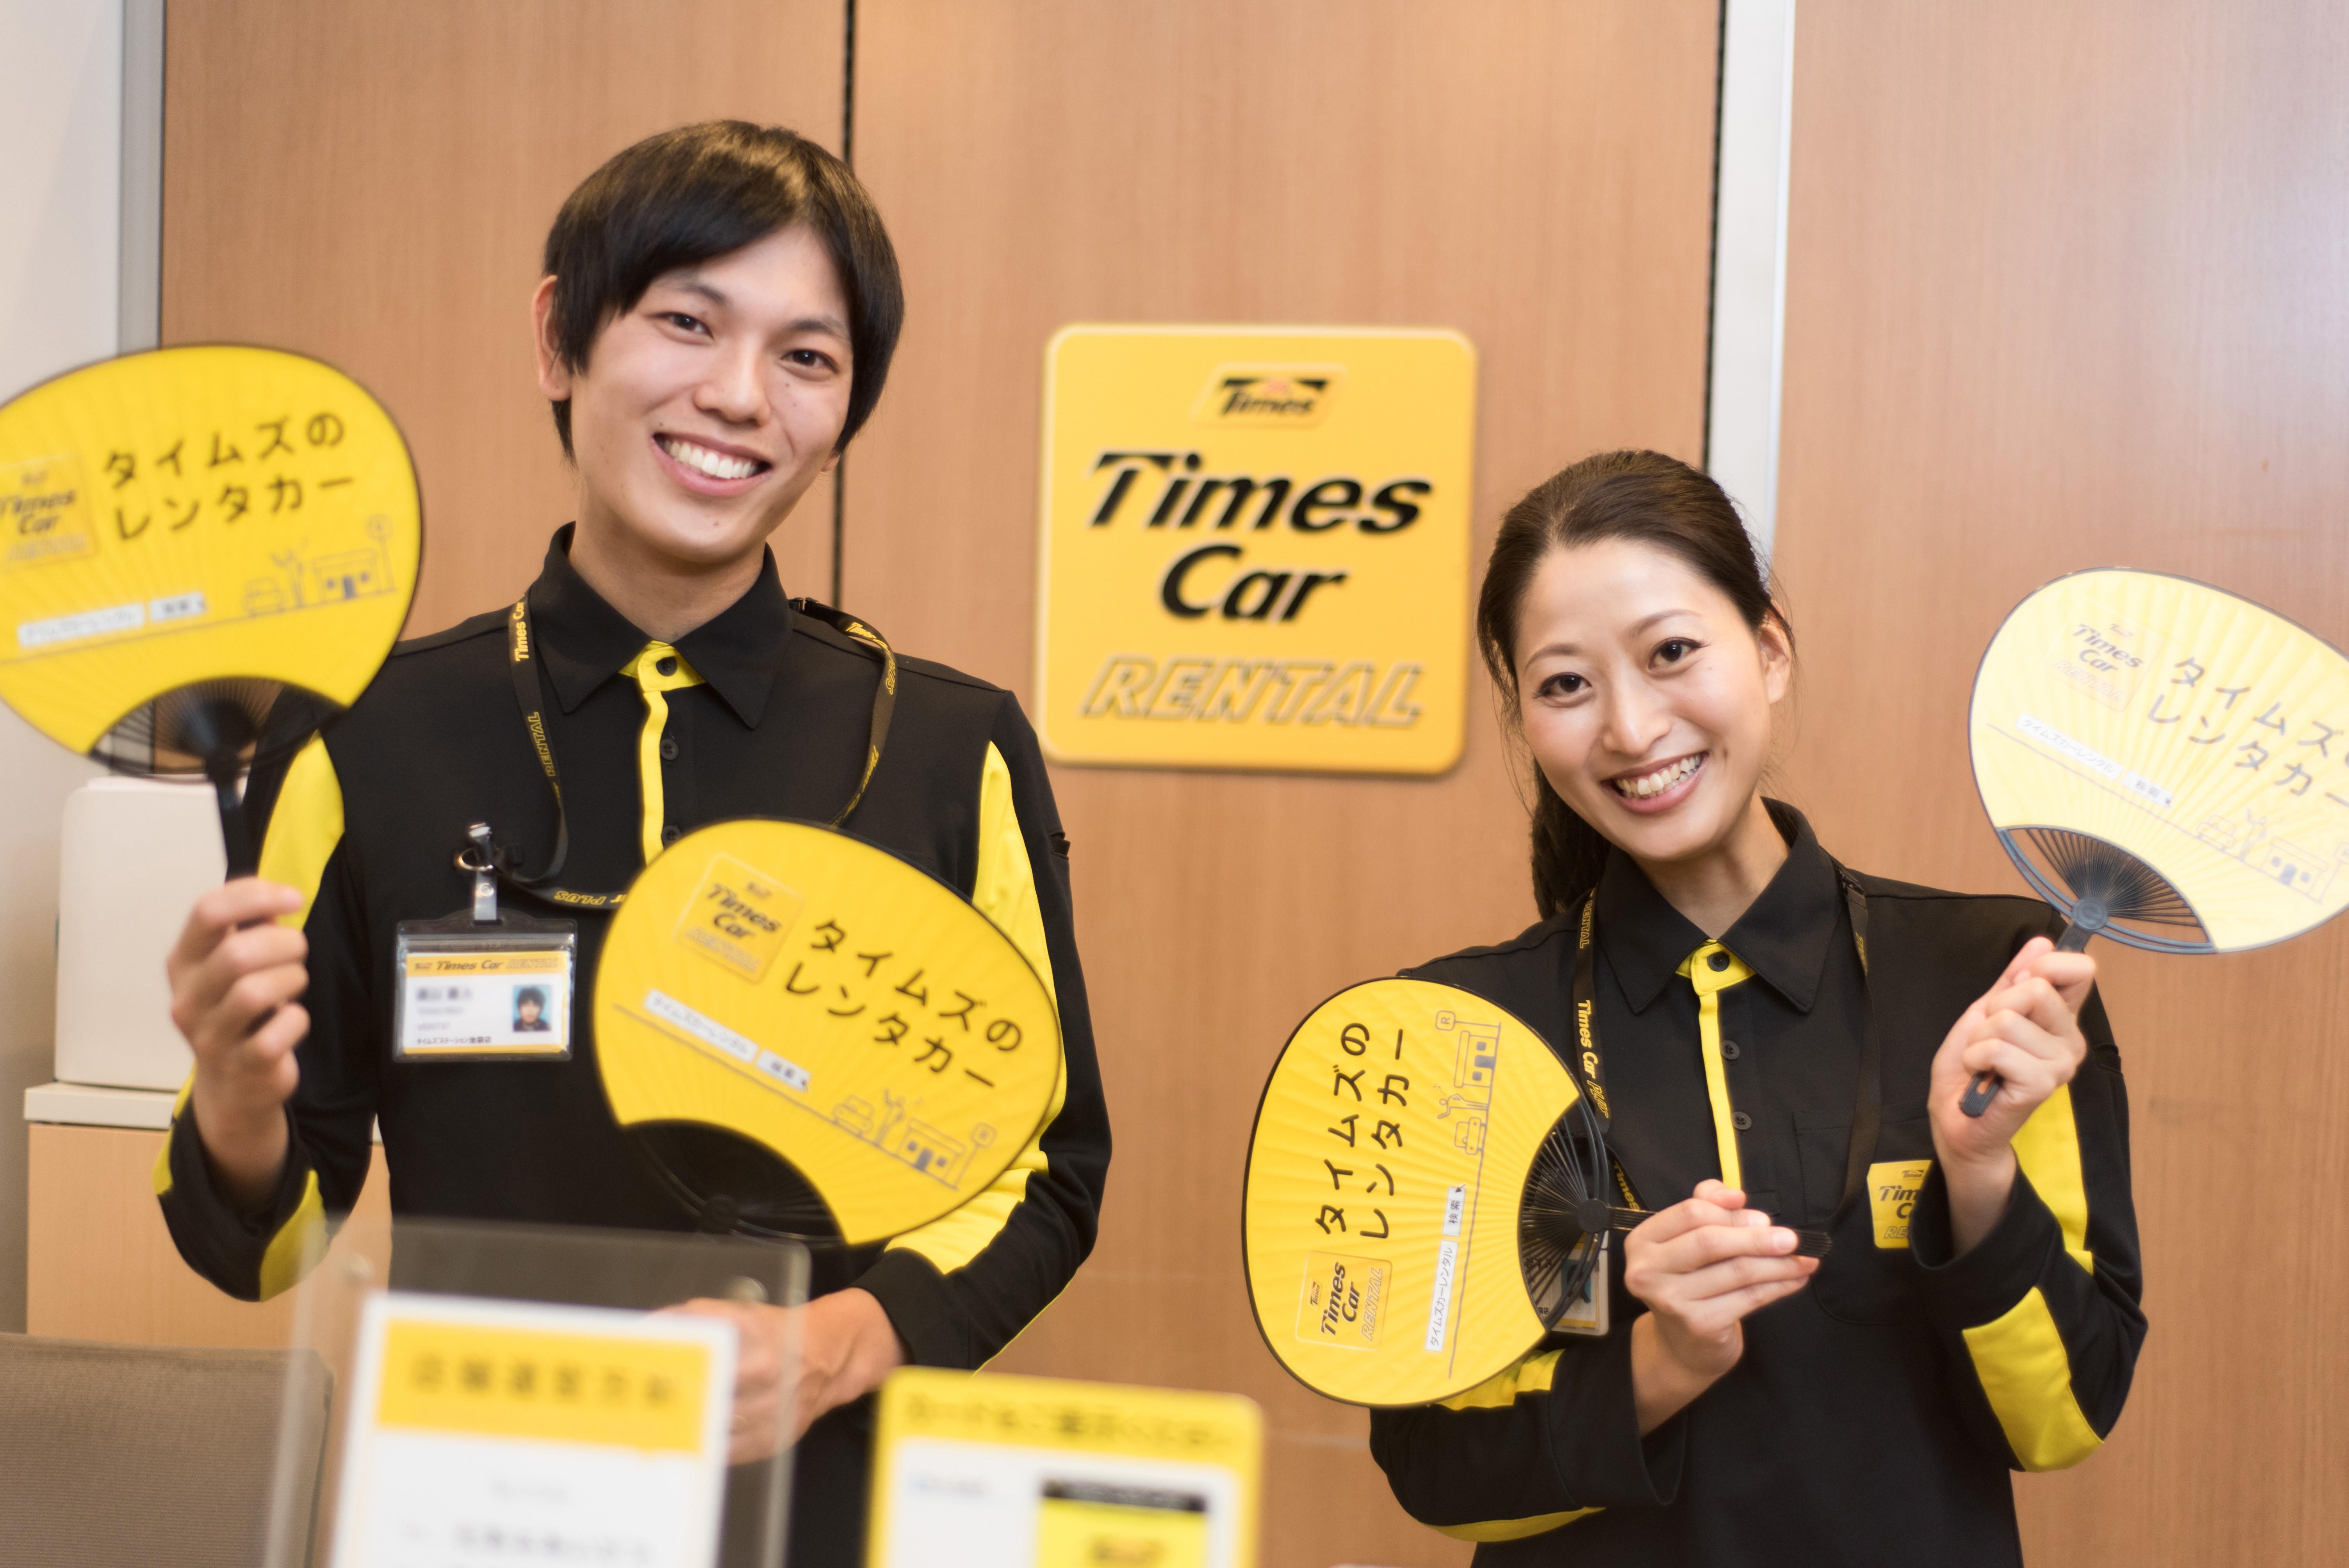 タイムズカーレンタル 掛川新幹線口店 のアルバイト情報